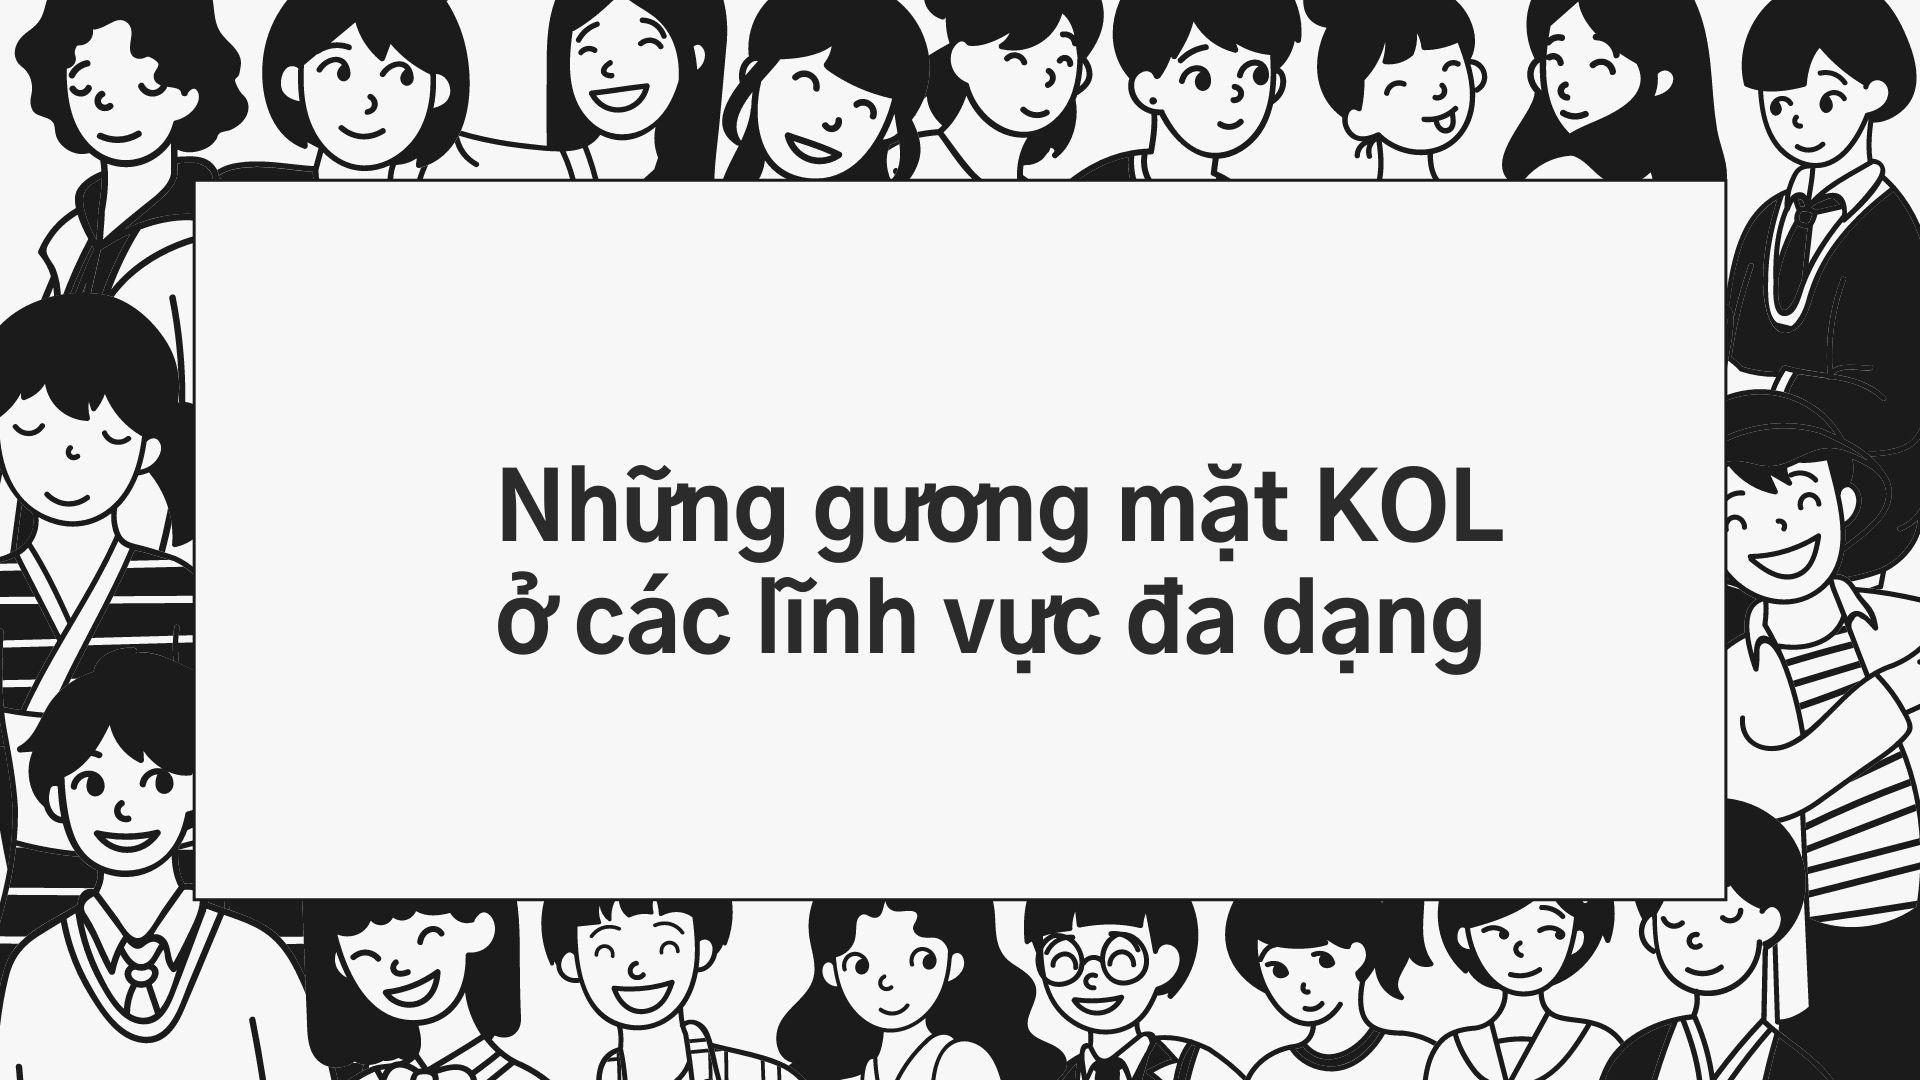 Gương mặt KOL trong các lĩnh vực